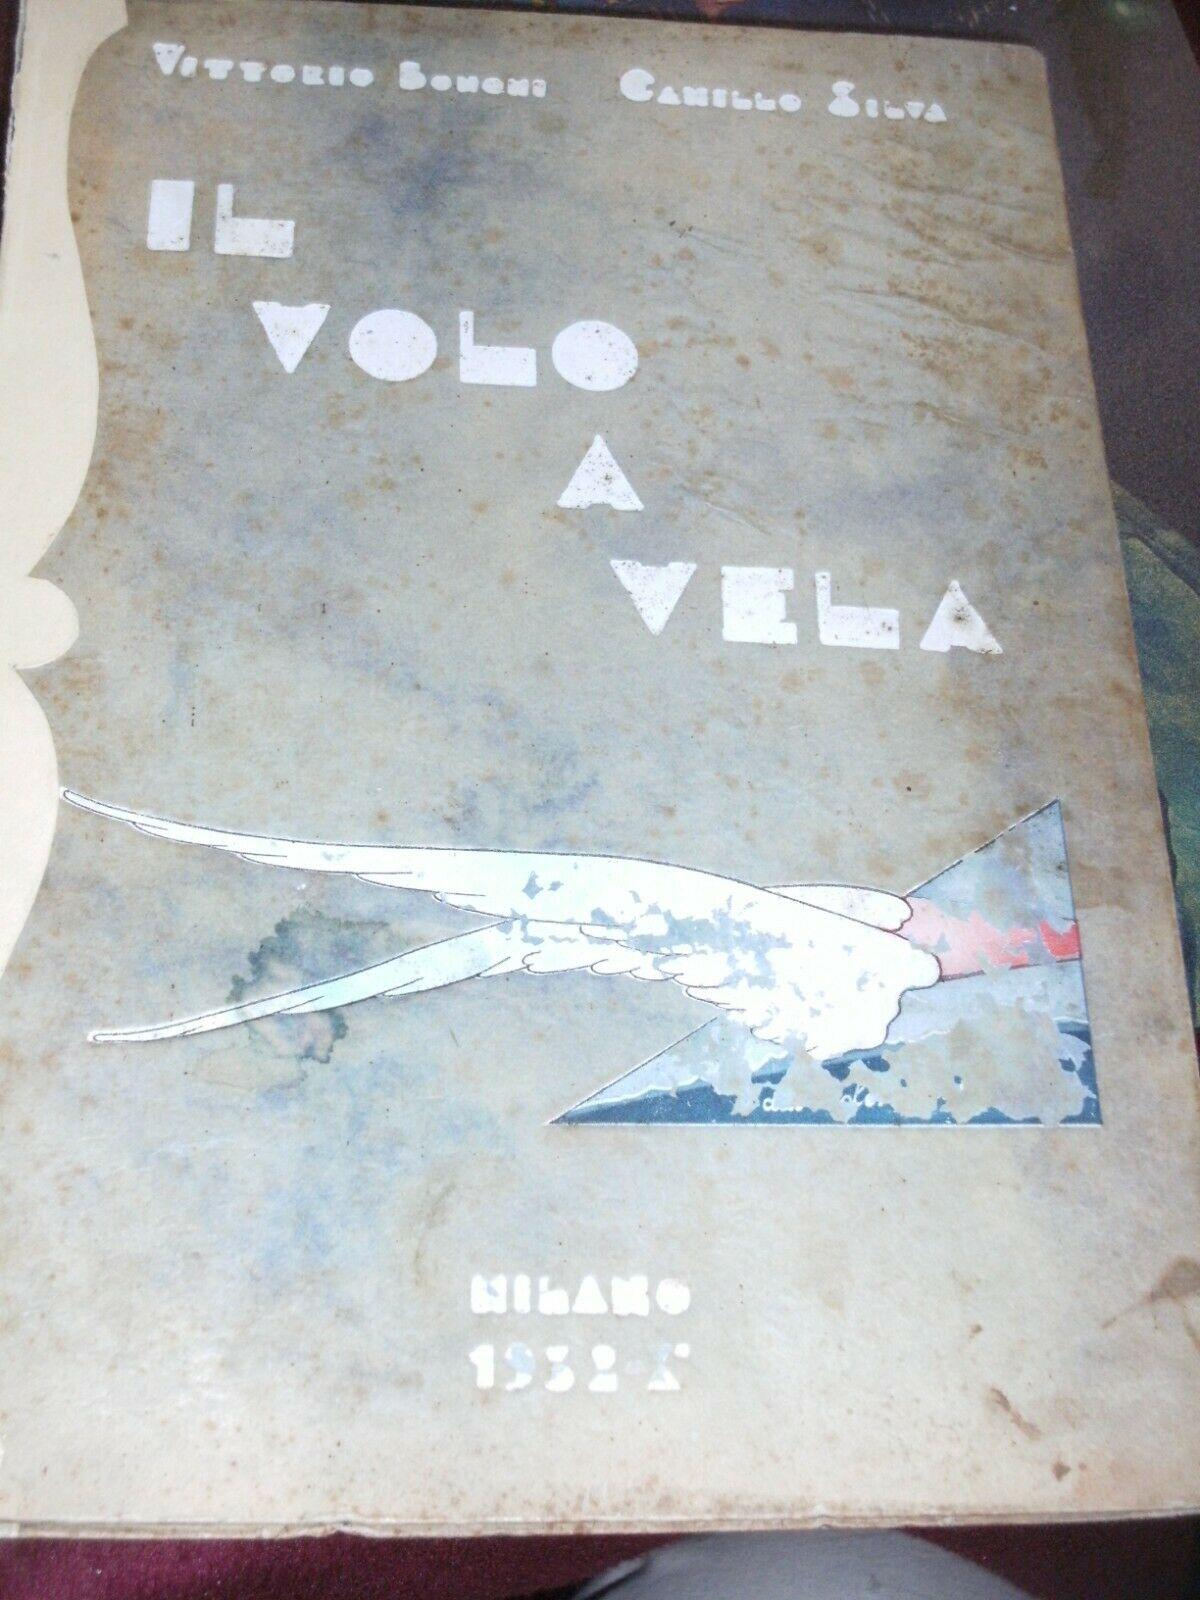 """Rarissimo futurista in asta: """"Il volo a vela"""" di Vittorio Bonomi e Camillo Silva (1932)"""